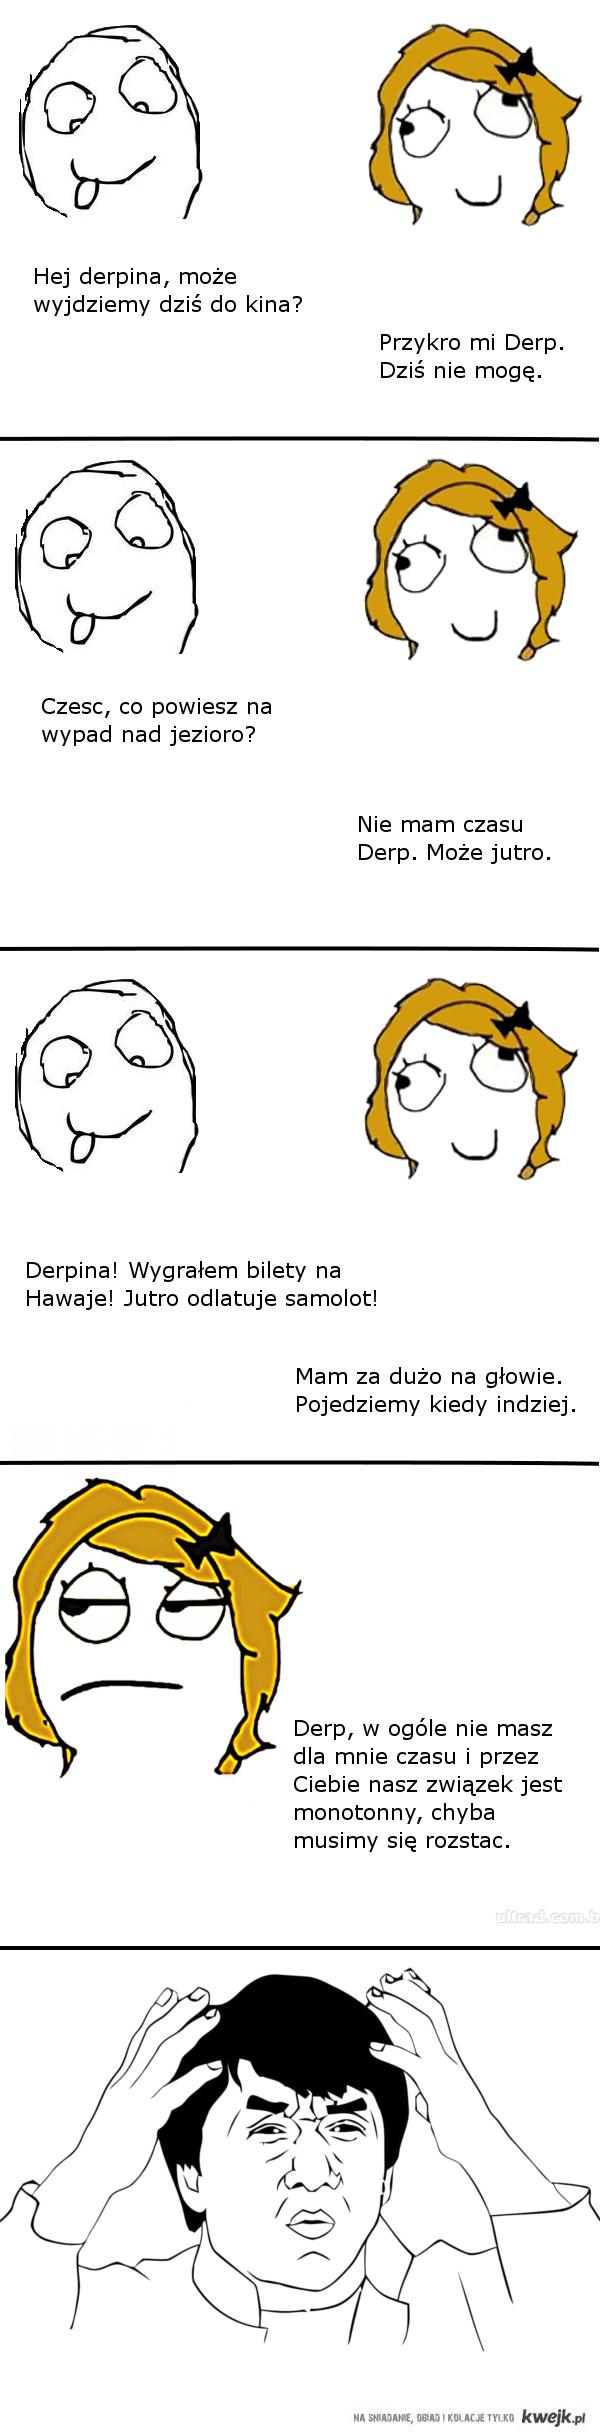 kobiety...